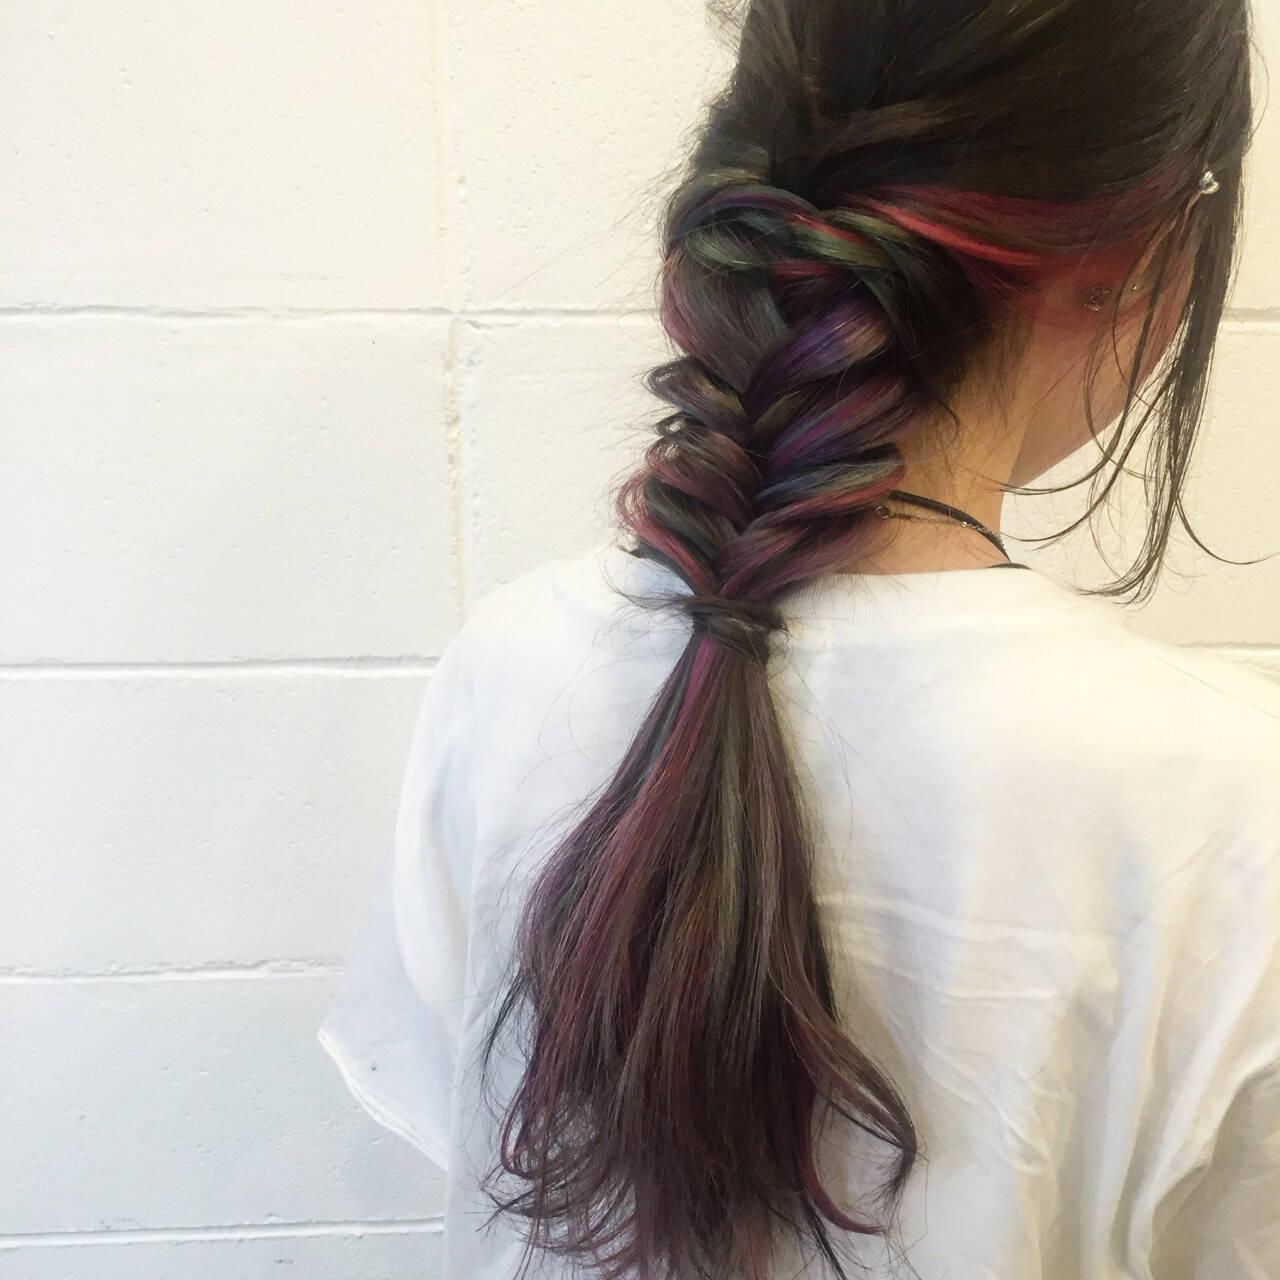 簡単ヘアアレンジ 外国人風 ストリート 夏ヘアスタイルや髪型の写真・画像